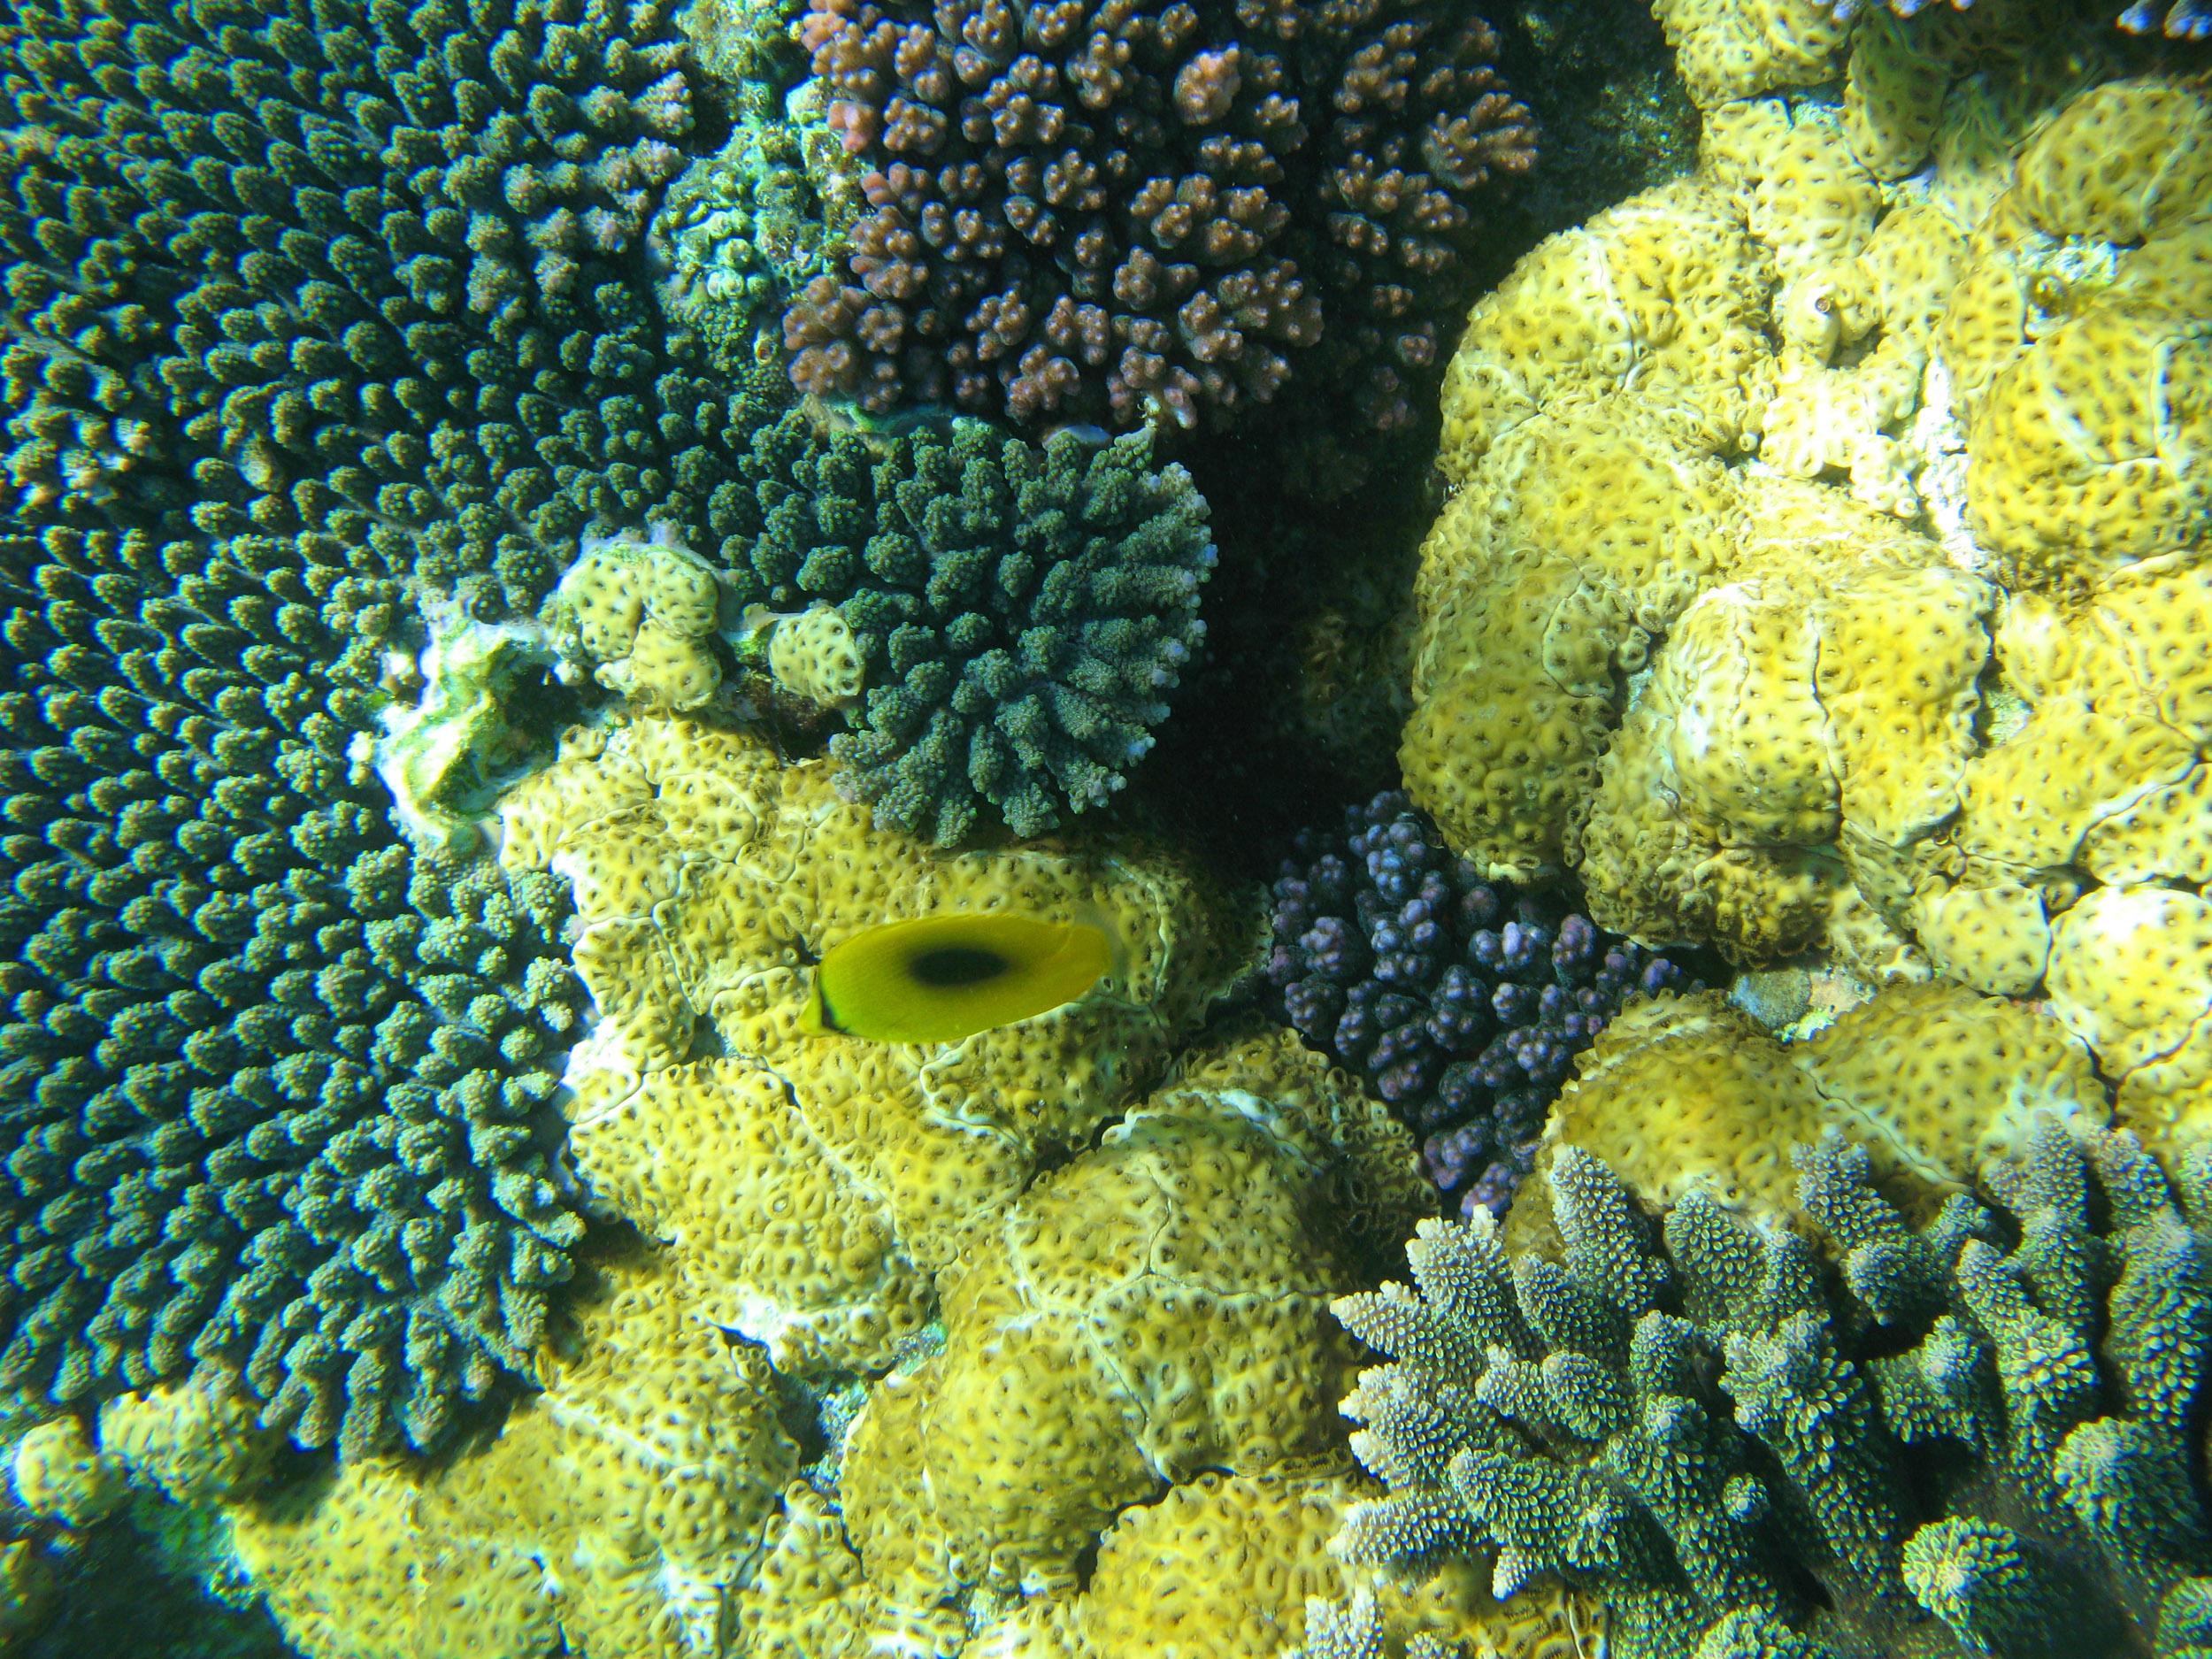 Colorful ocean fish coral